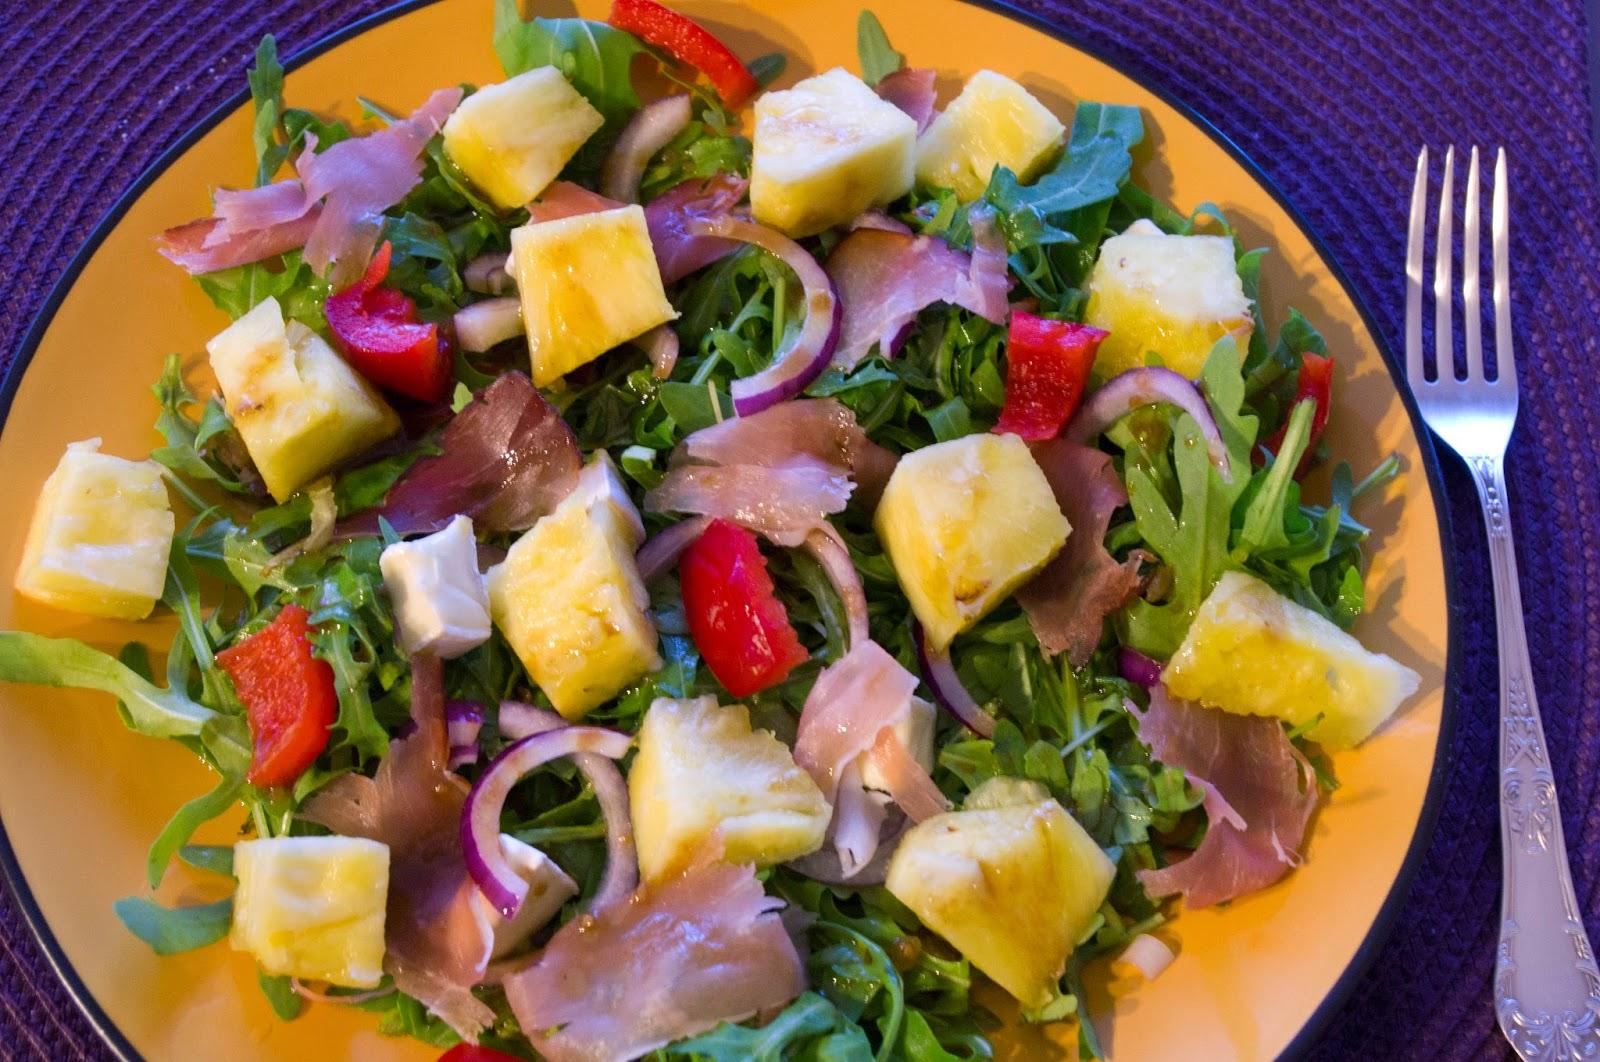 http://mojemenu.blogspot.com/2015/04/kolorowa-saatka-ze-swiezym-ananasem.html